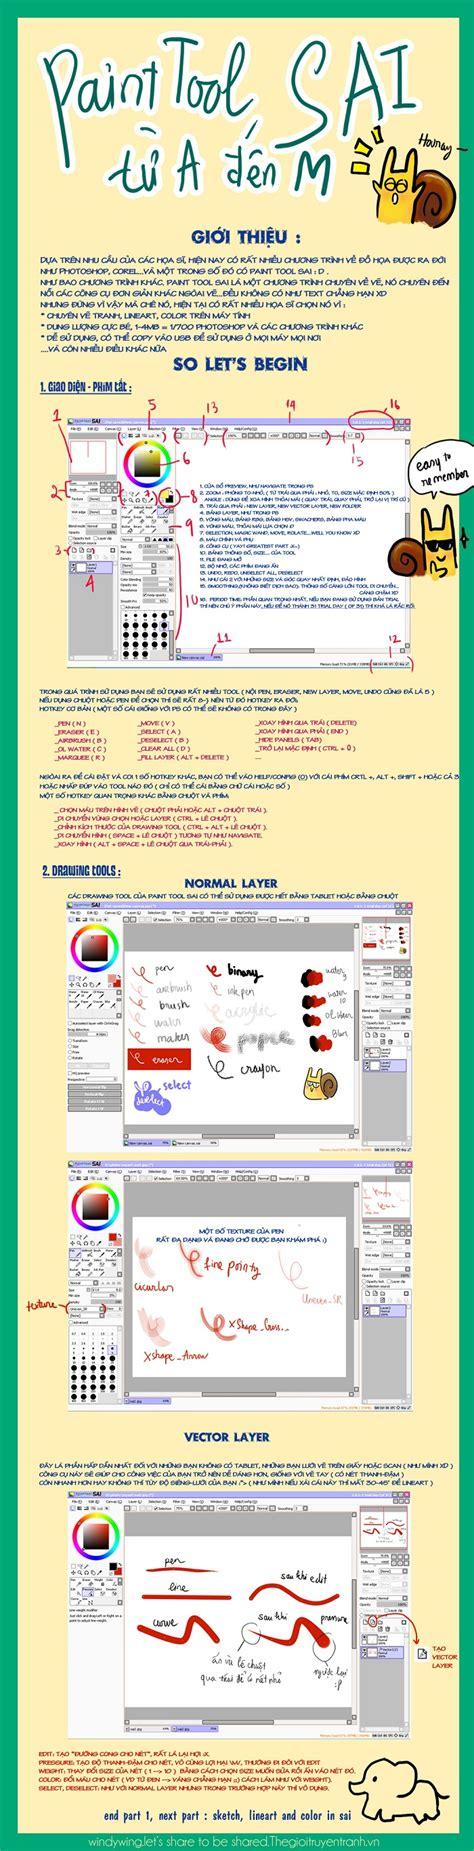 làm quen với paint tool sai hướng dẫn c 225 ch sử dụng painttool sai sinh vi 234 n